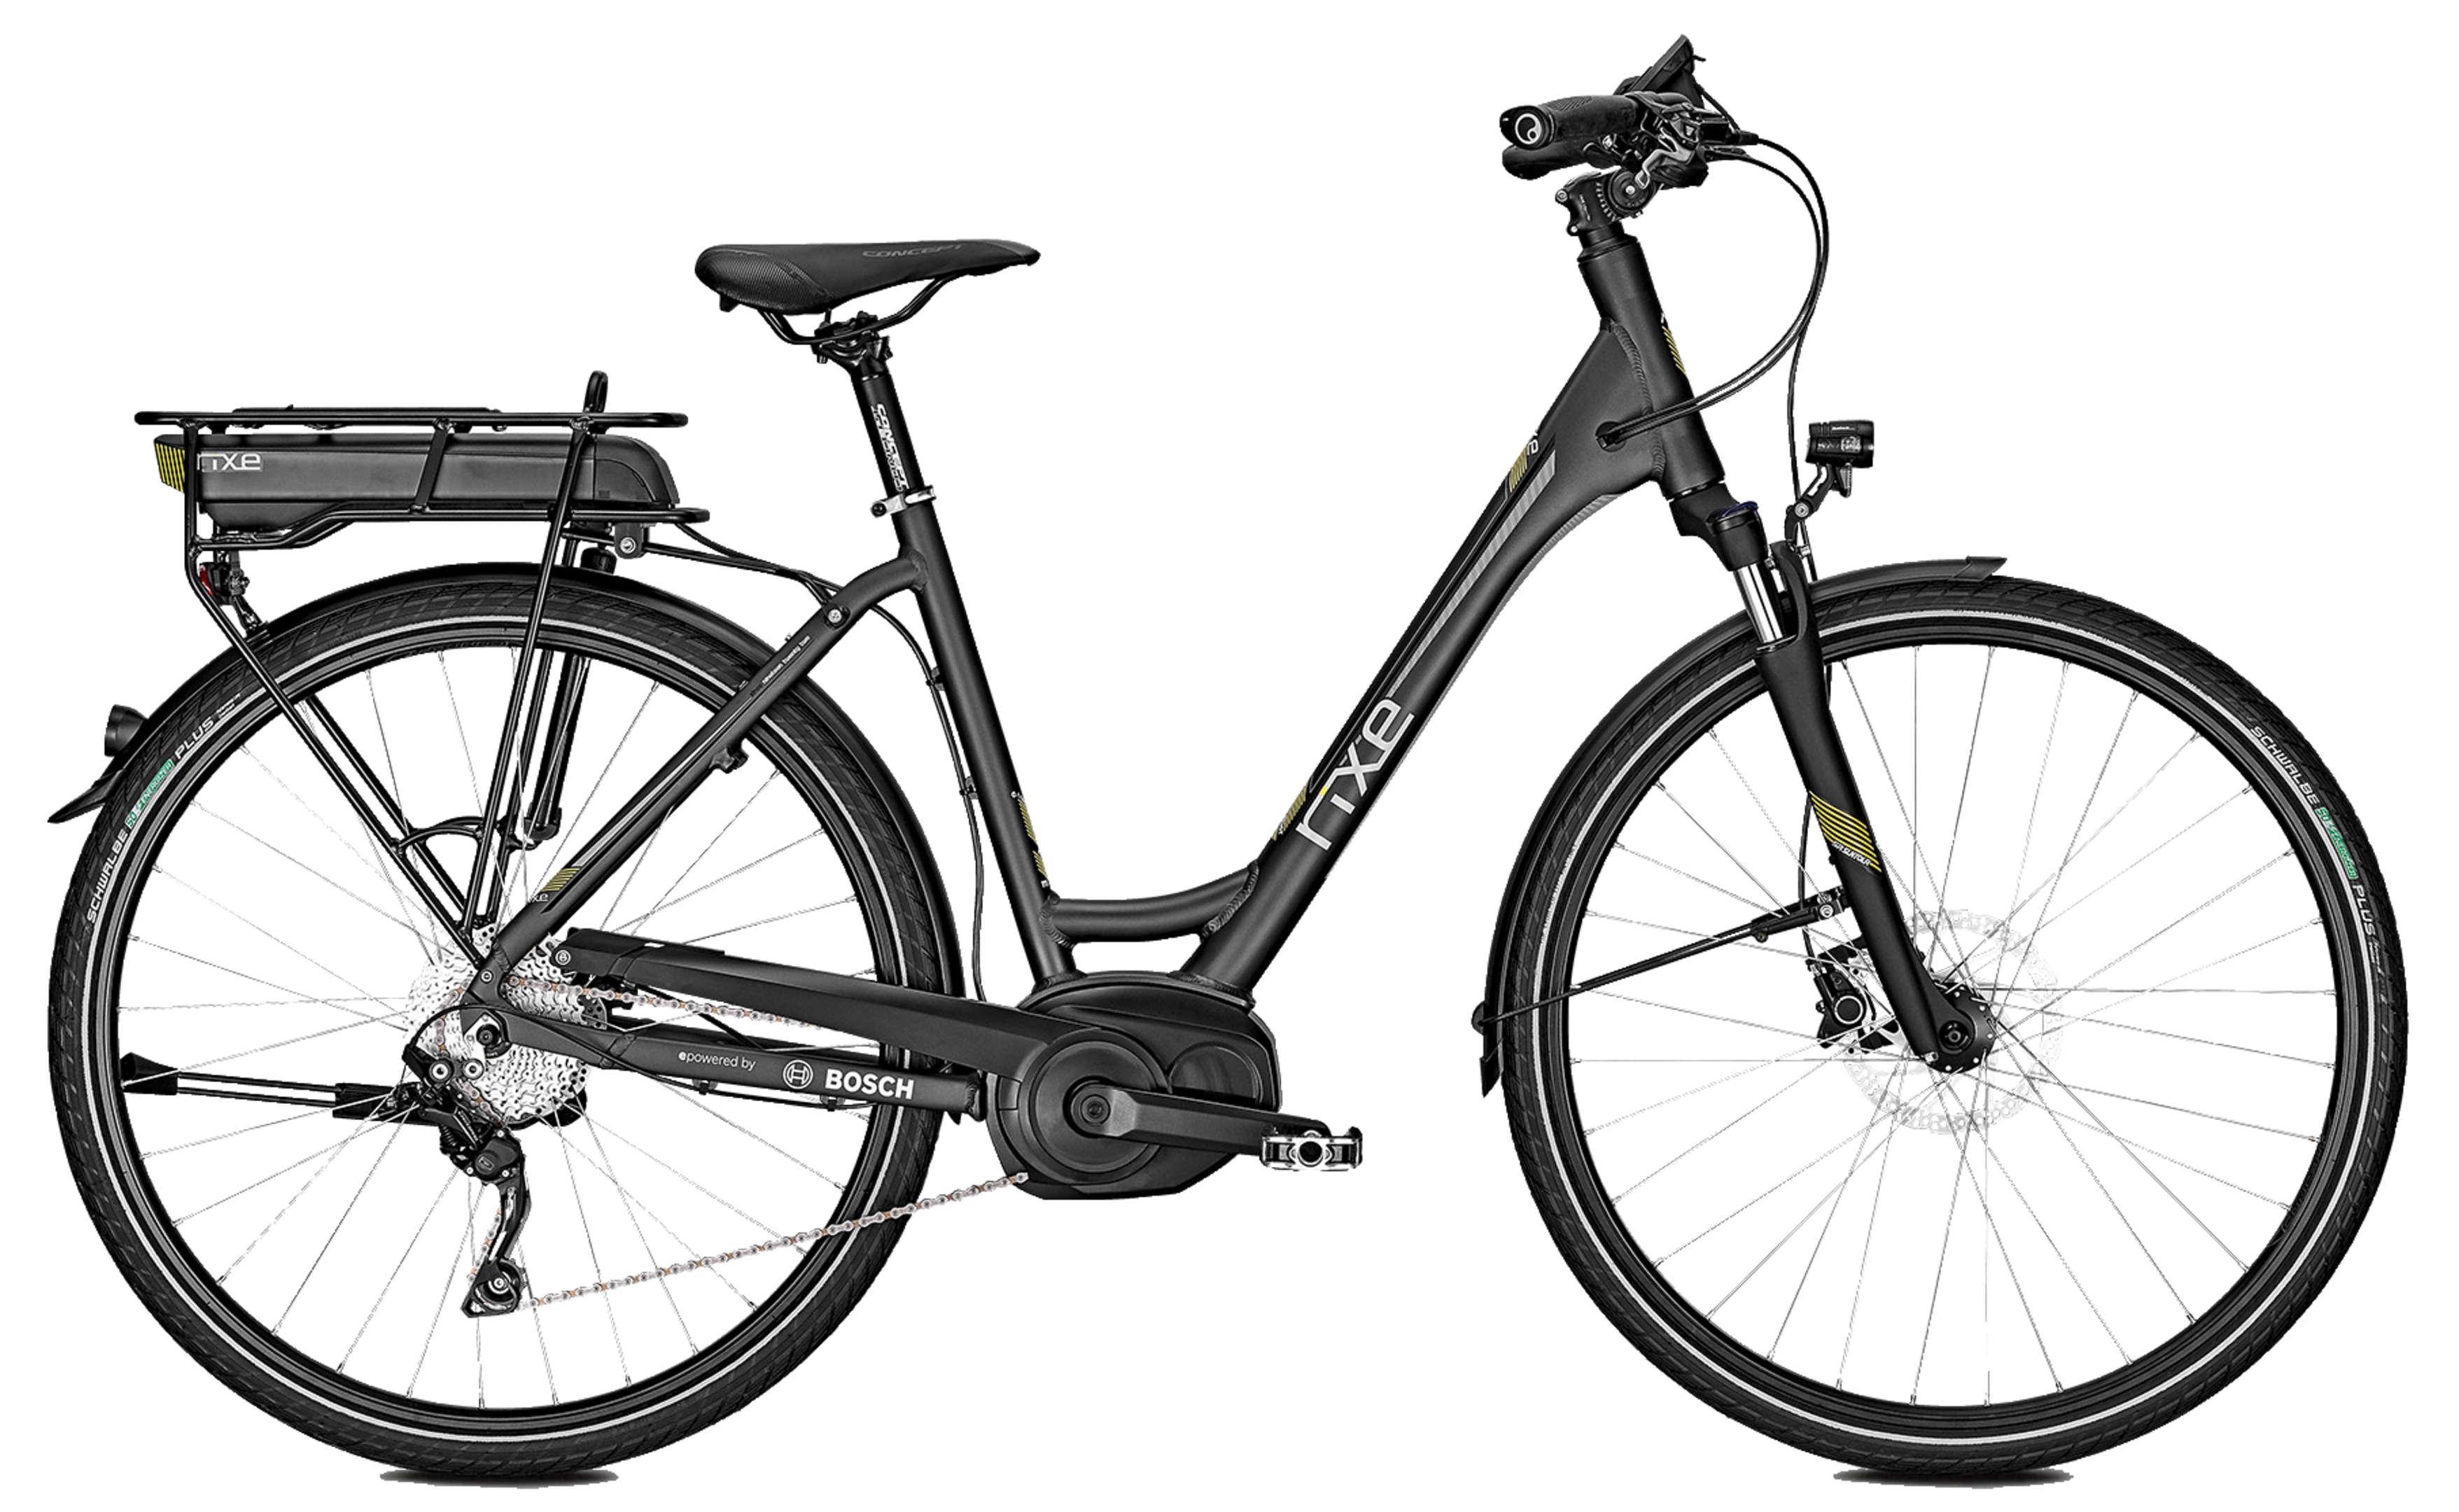 rixe e bike montpellier b10 13 4ah 36v eurorad. Black Bedroom Furniture Sets. Home Design Ideas